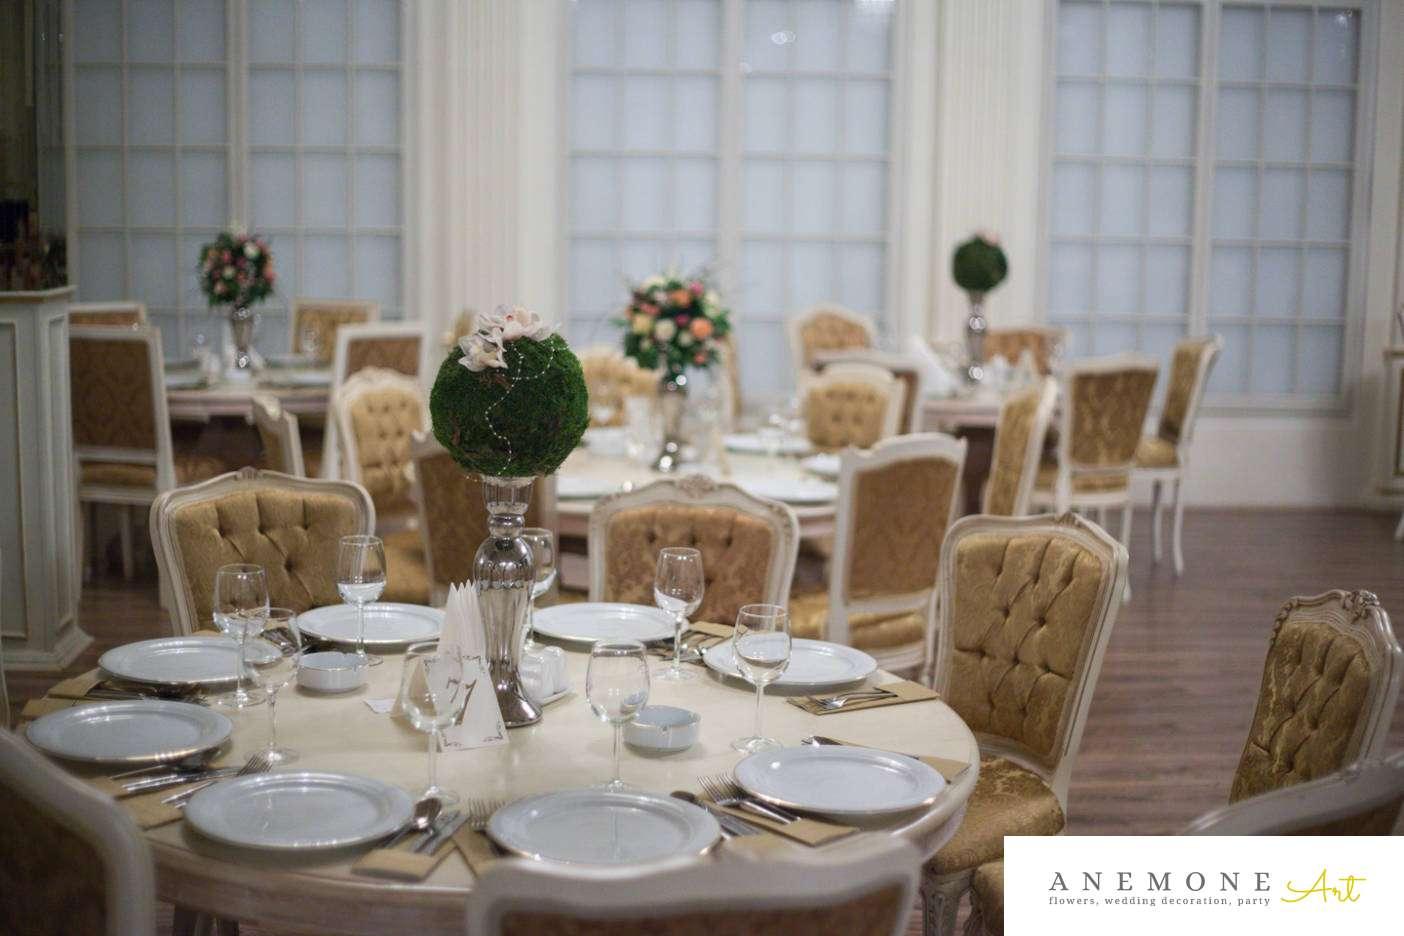 Poza, foto cu Flori de nunta decor masa, decor sala, glob, muschi, orhidee, vila carol in Arad, Timisoara, Oradea (wedding flowers, bouquets) nunta Arad, Timisoara, Oradea